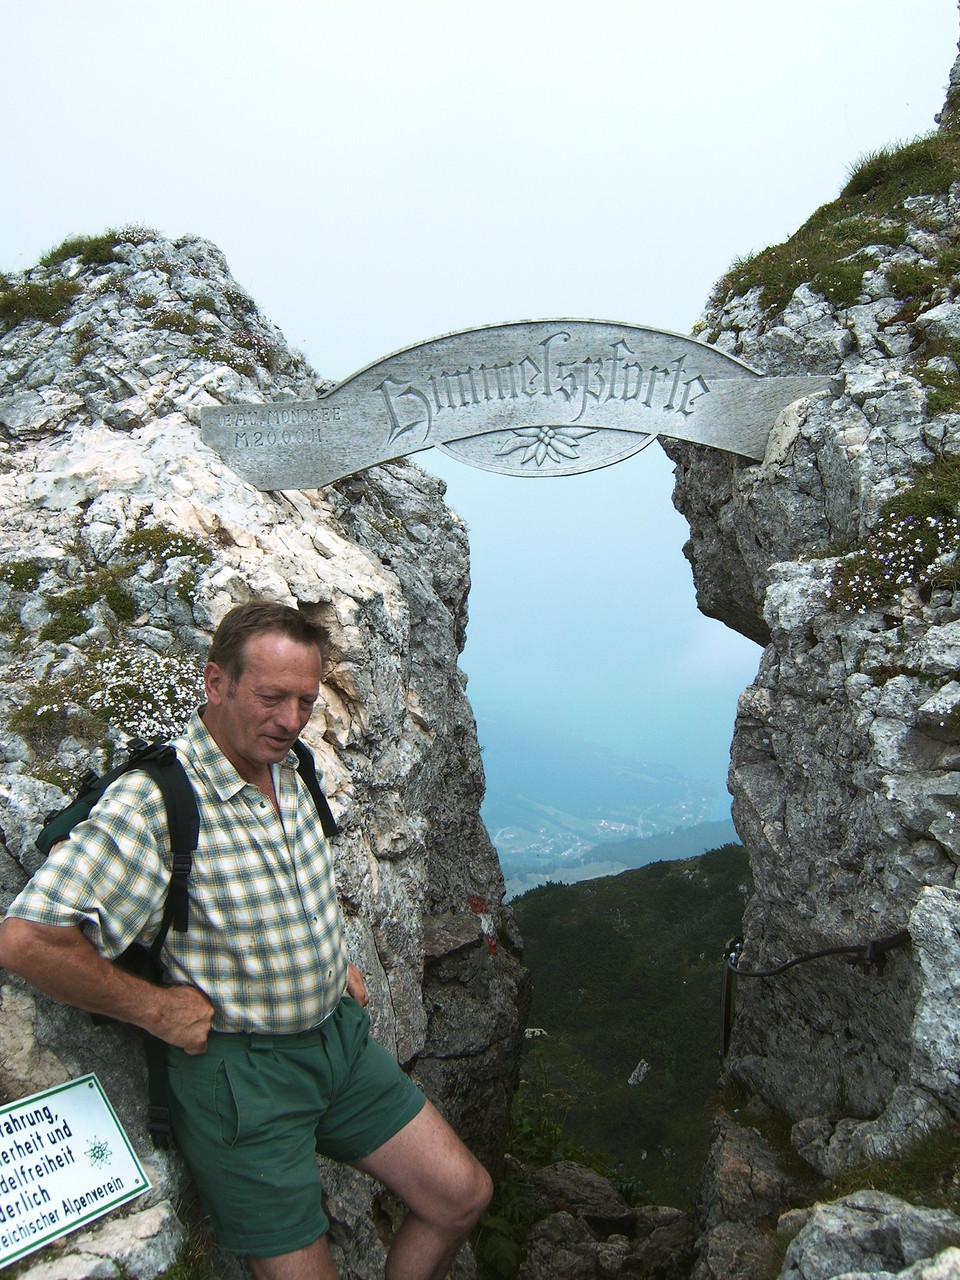 Himmelspforte am Schafberg